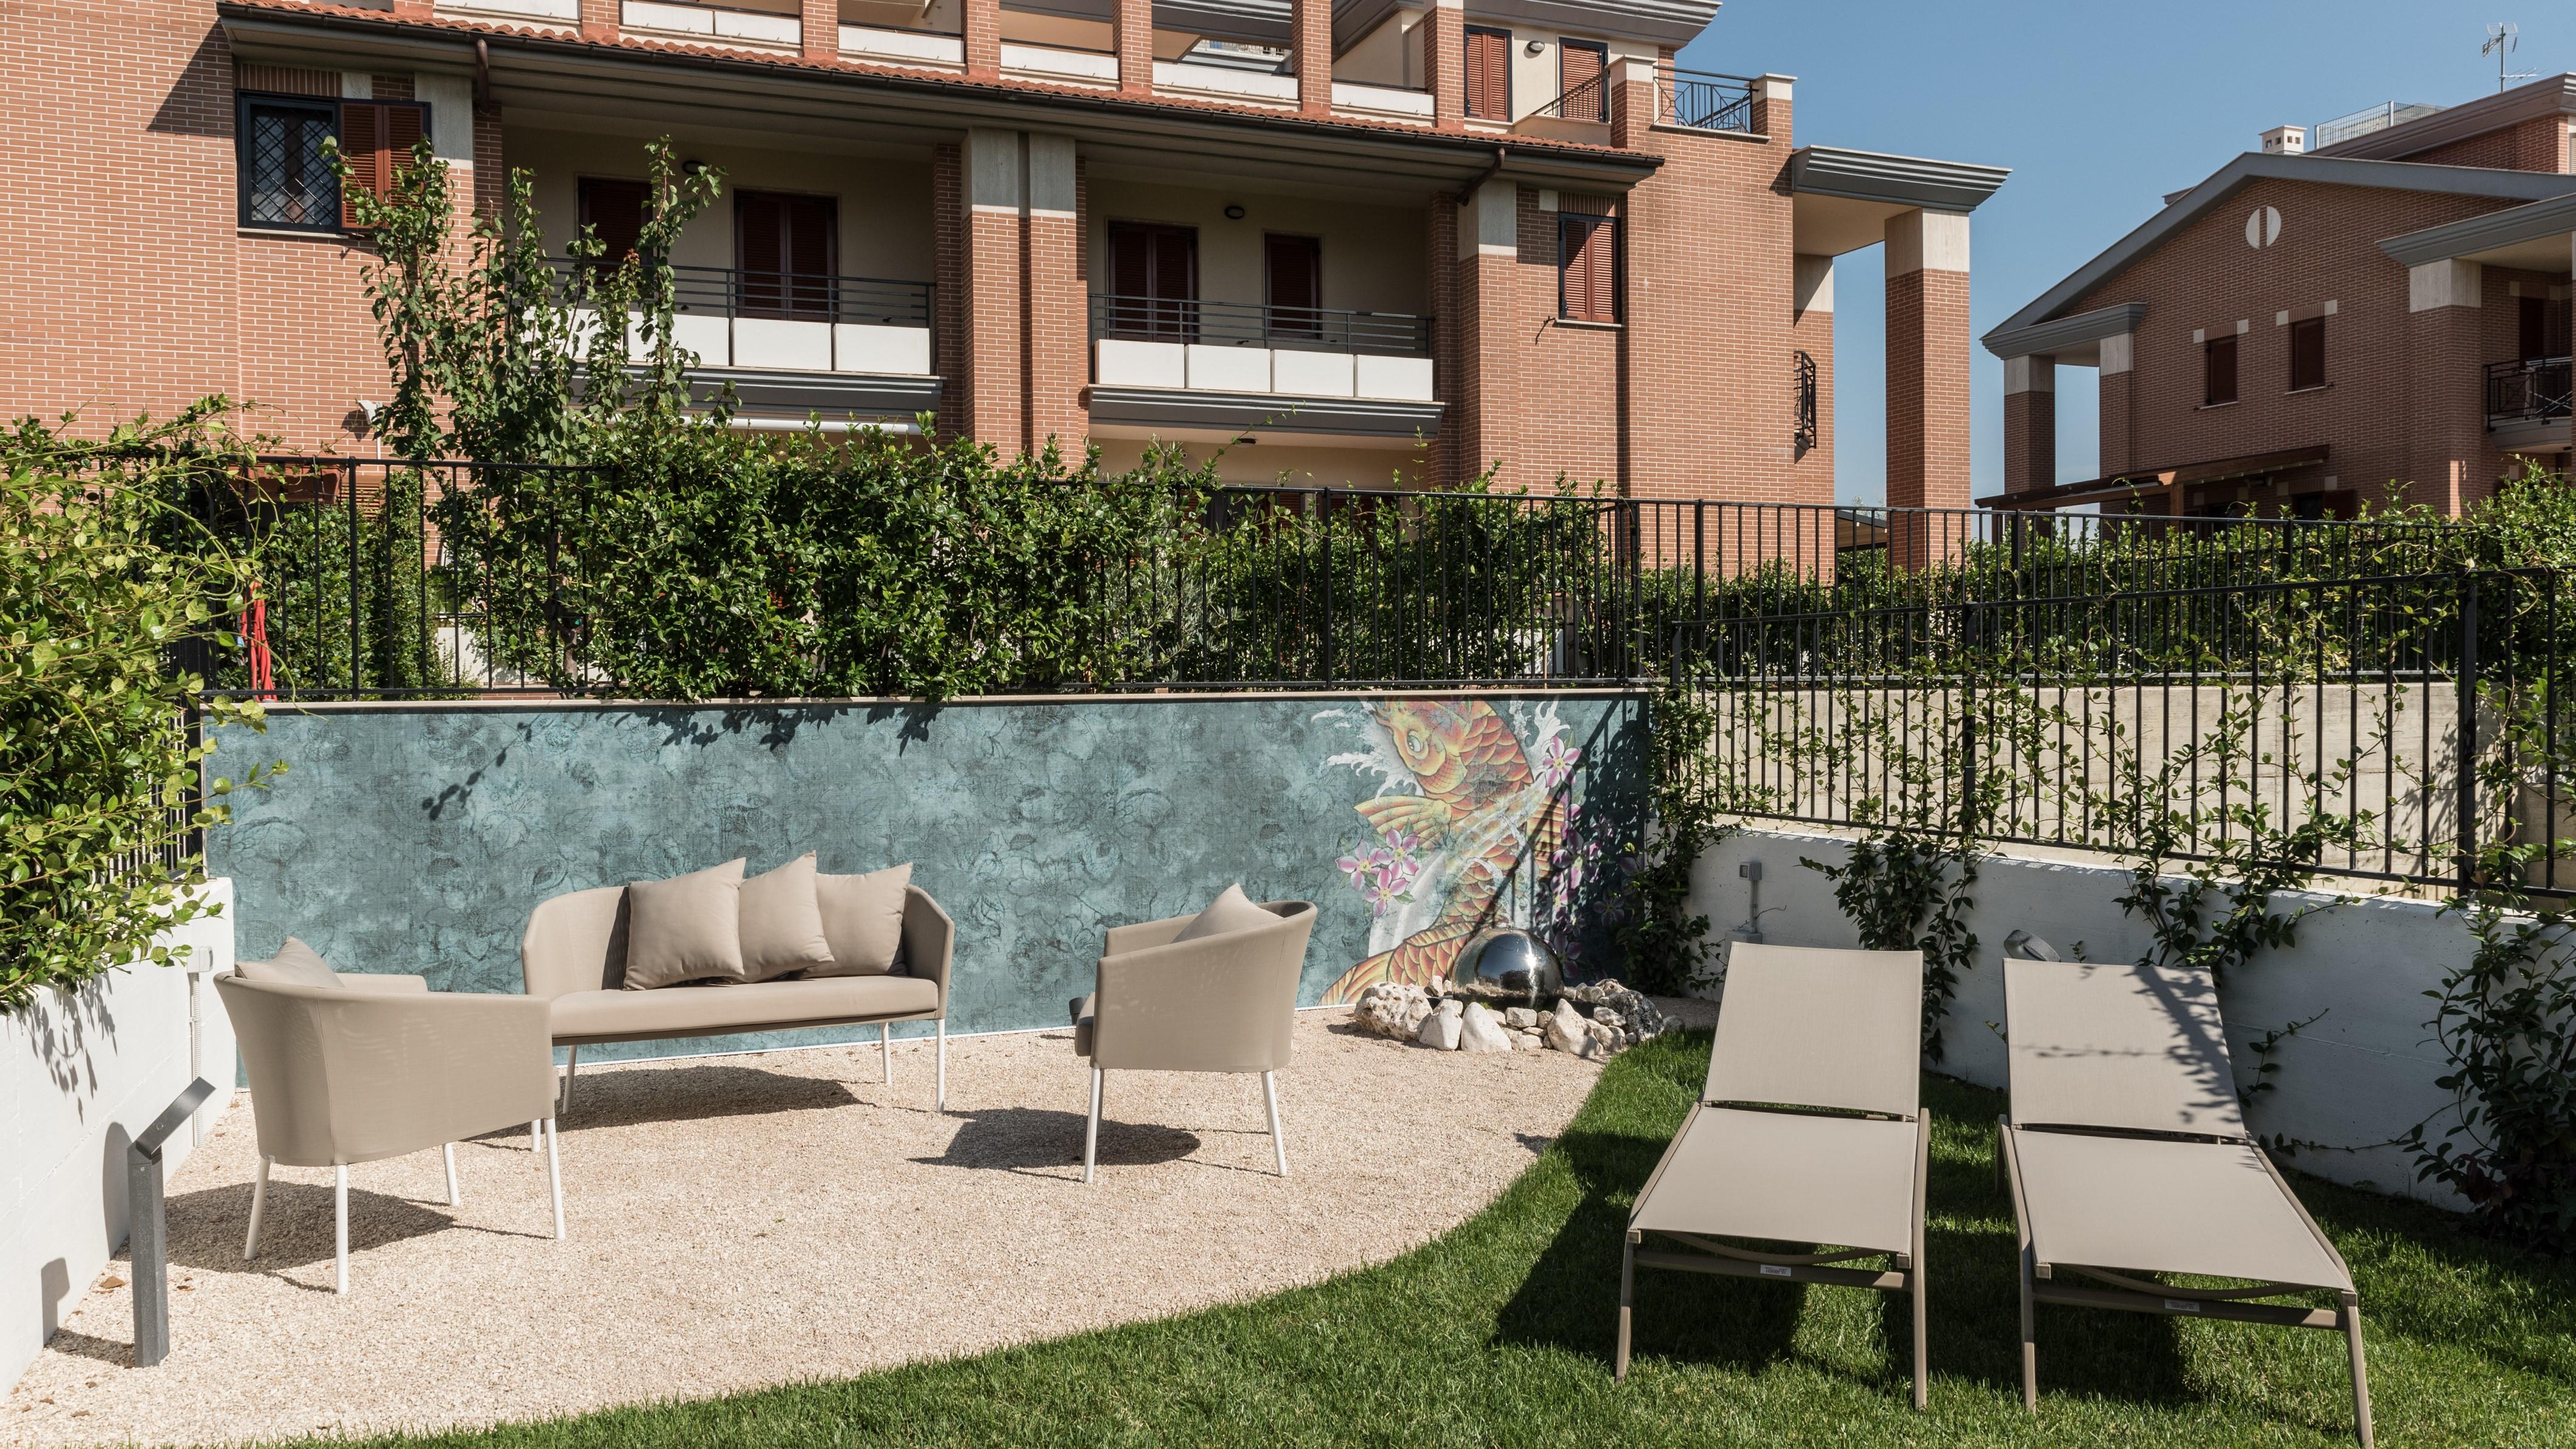 Carta Da Parati Roma progetto: un giardino con carta da parati da esterno | abito